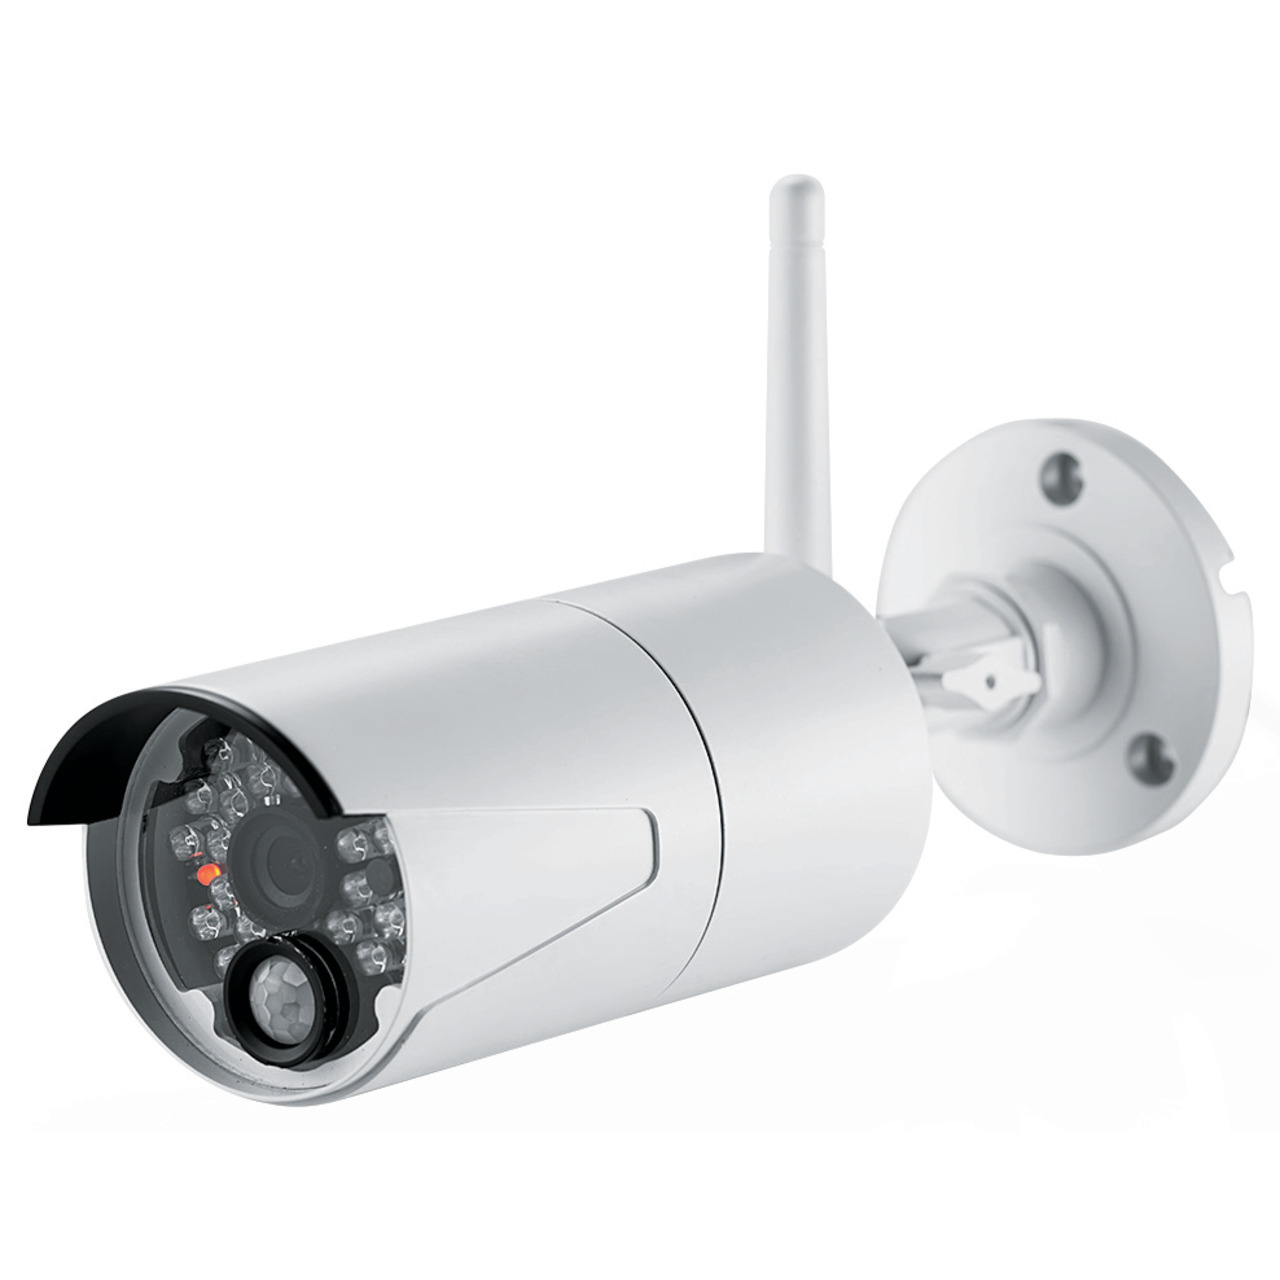 ELV Funk-Zusatzkamera fund-252 r KS100 HD und KS200 HD mit App